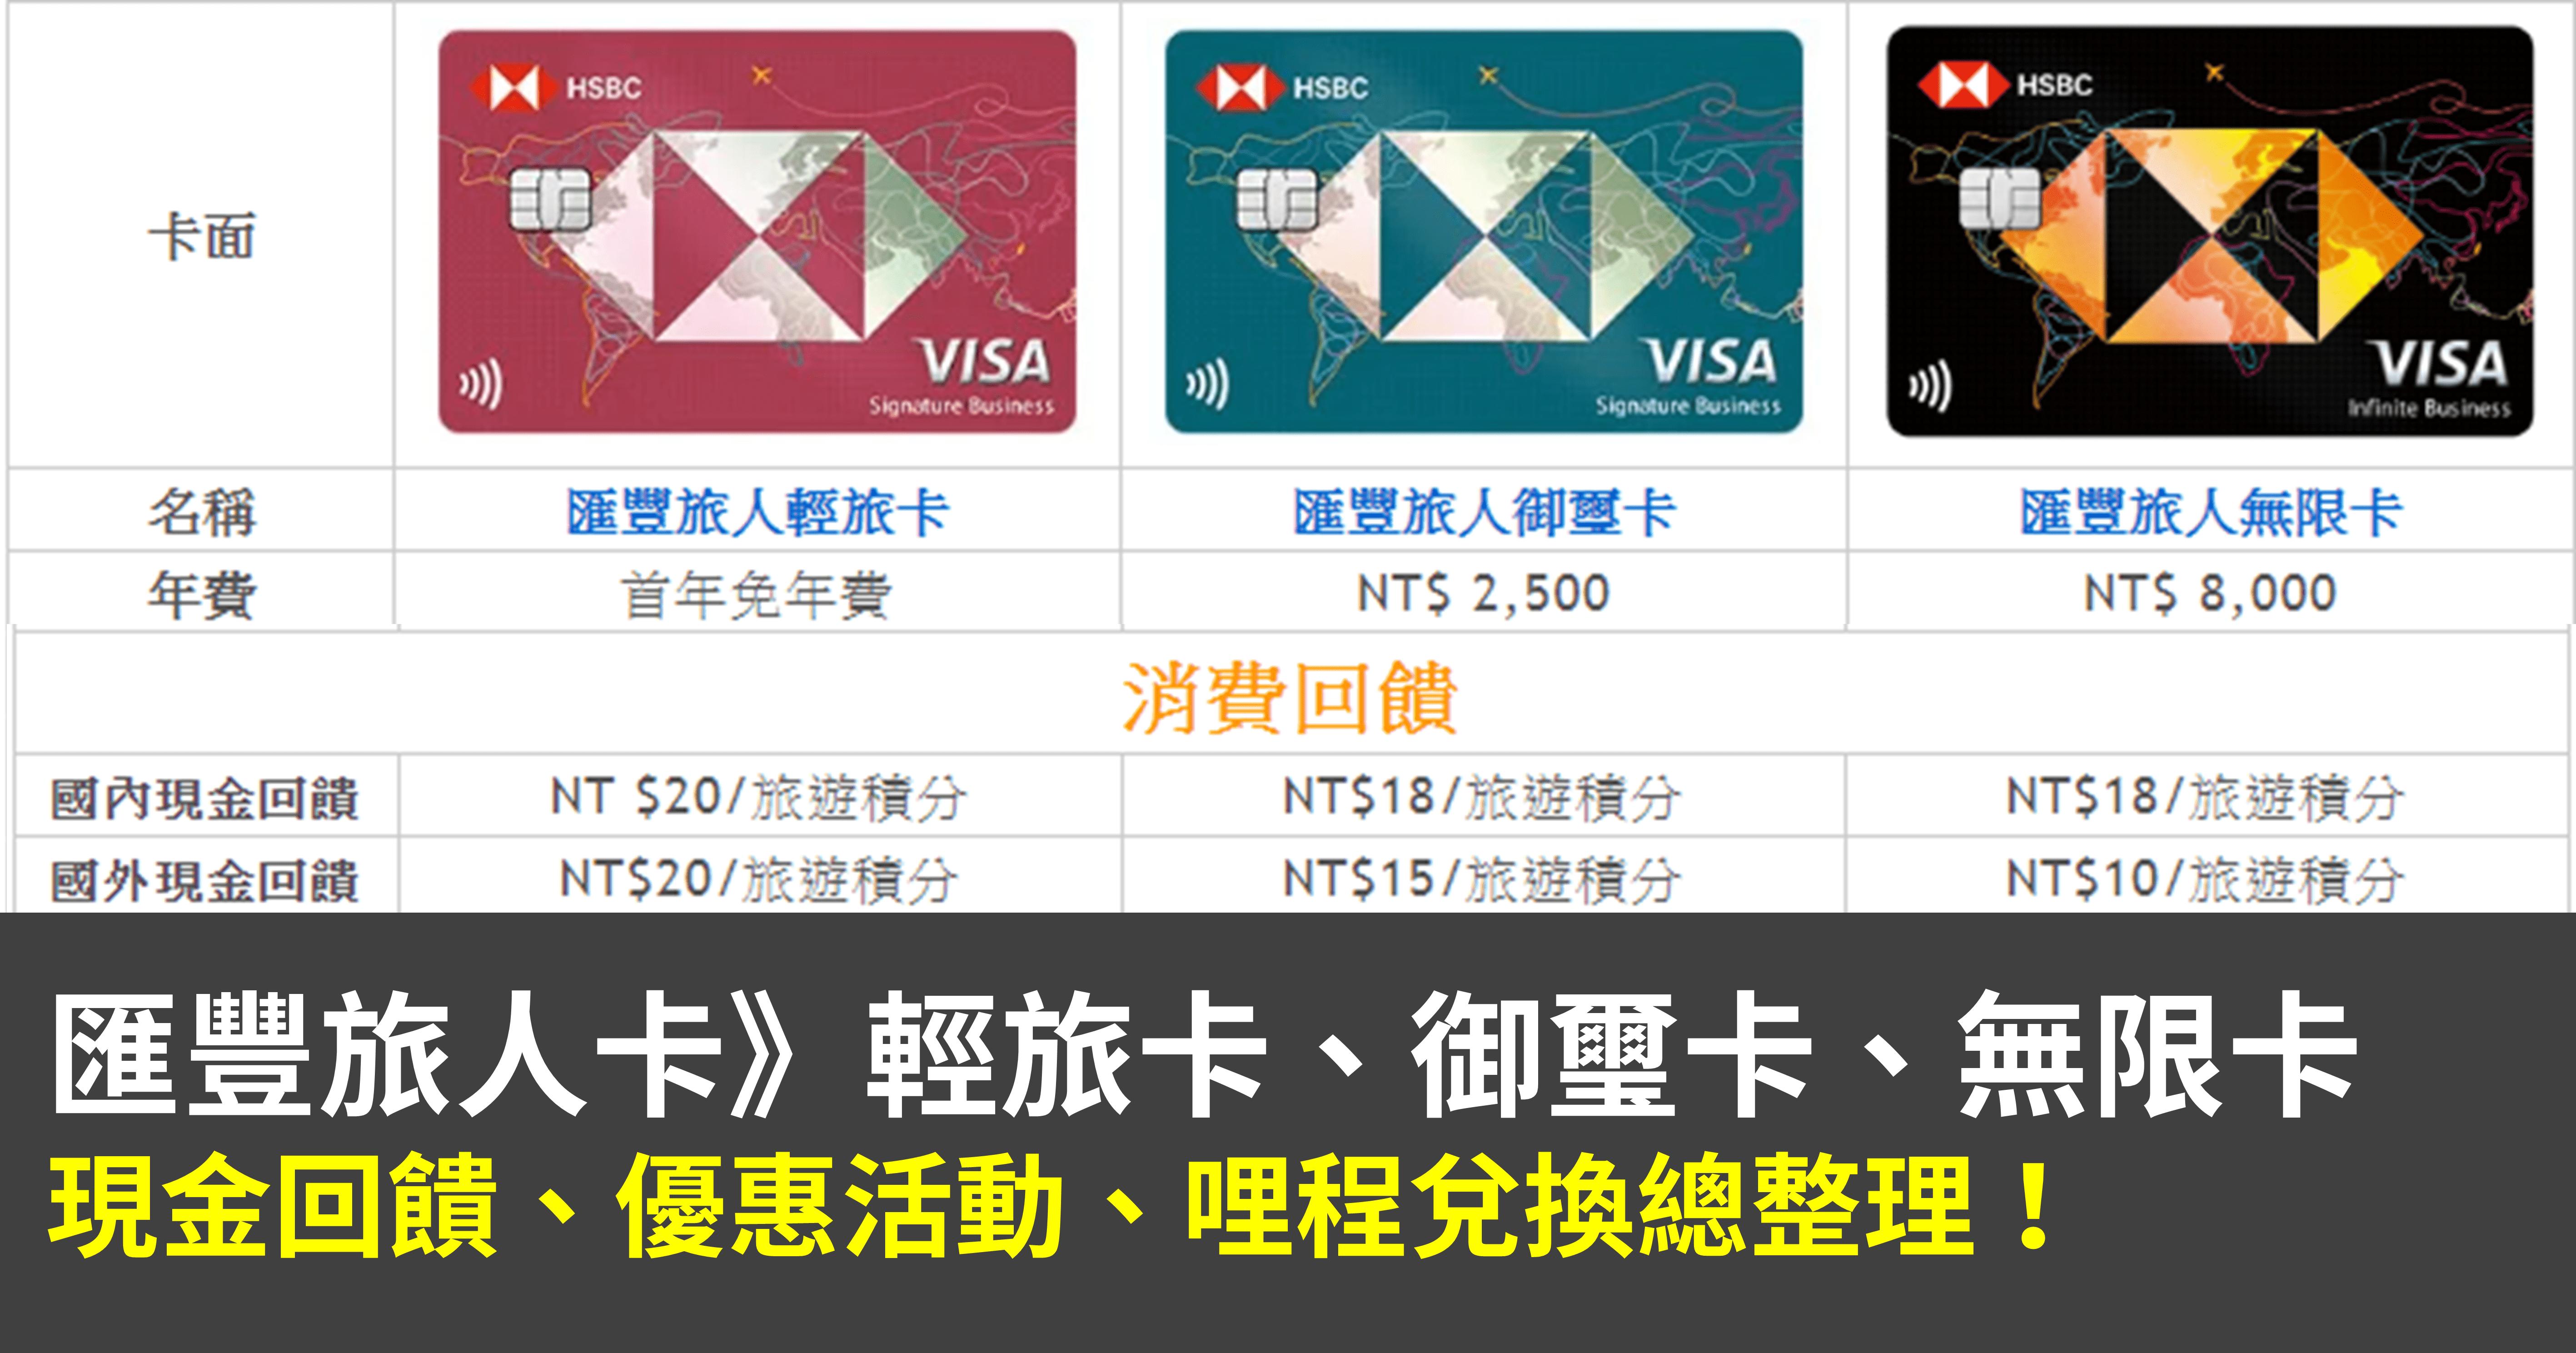 匯豐旅人卡(輕旅卡-御璽卡-無限卡)優惠總整理、介紹